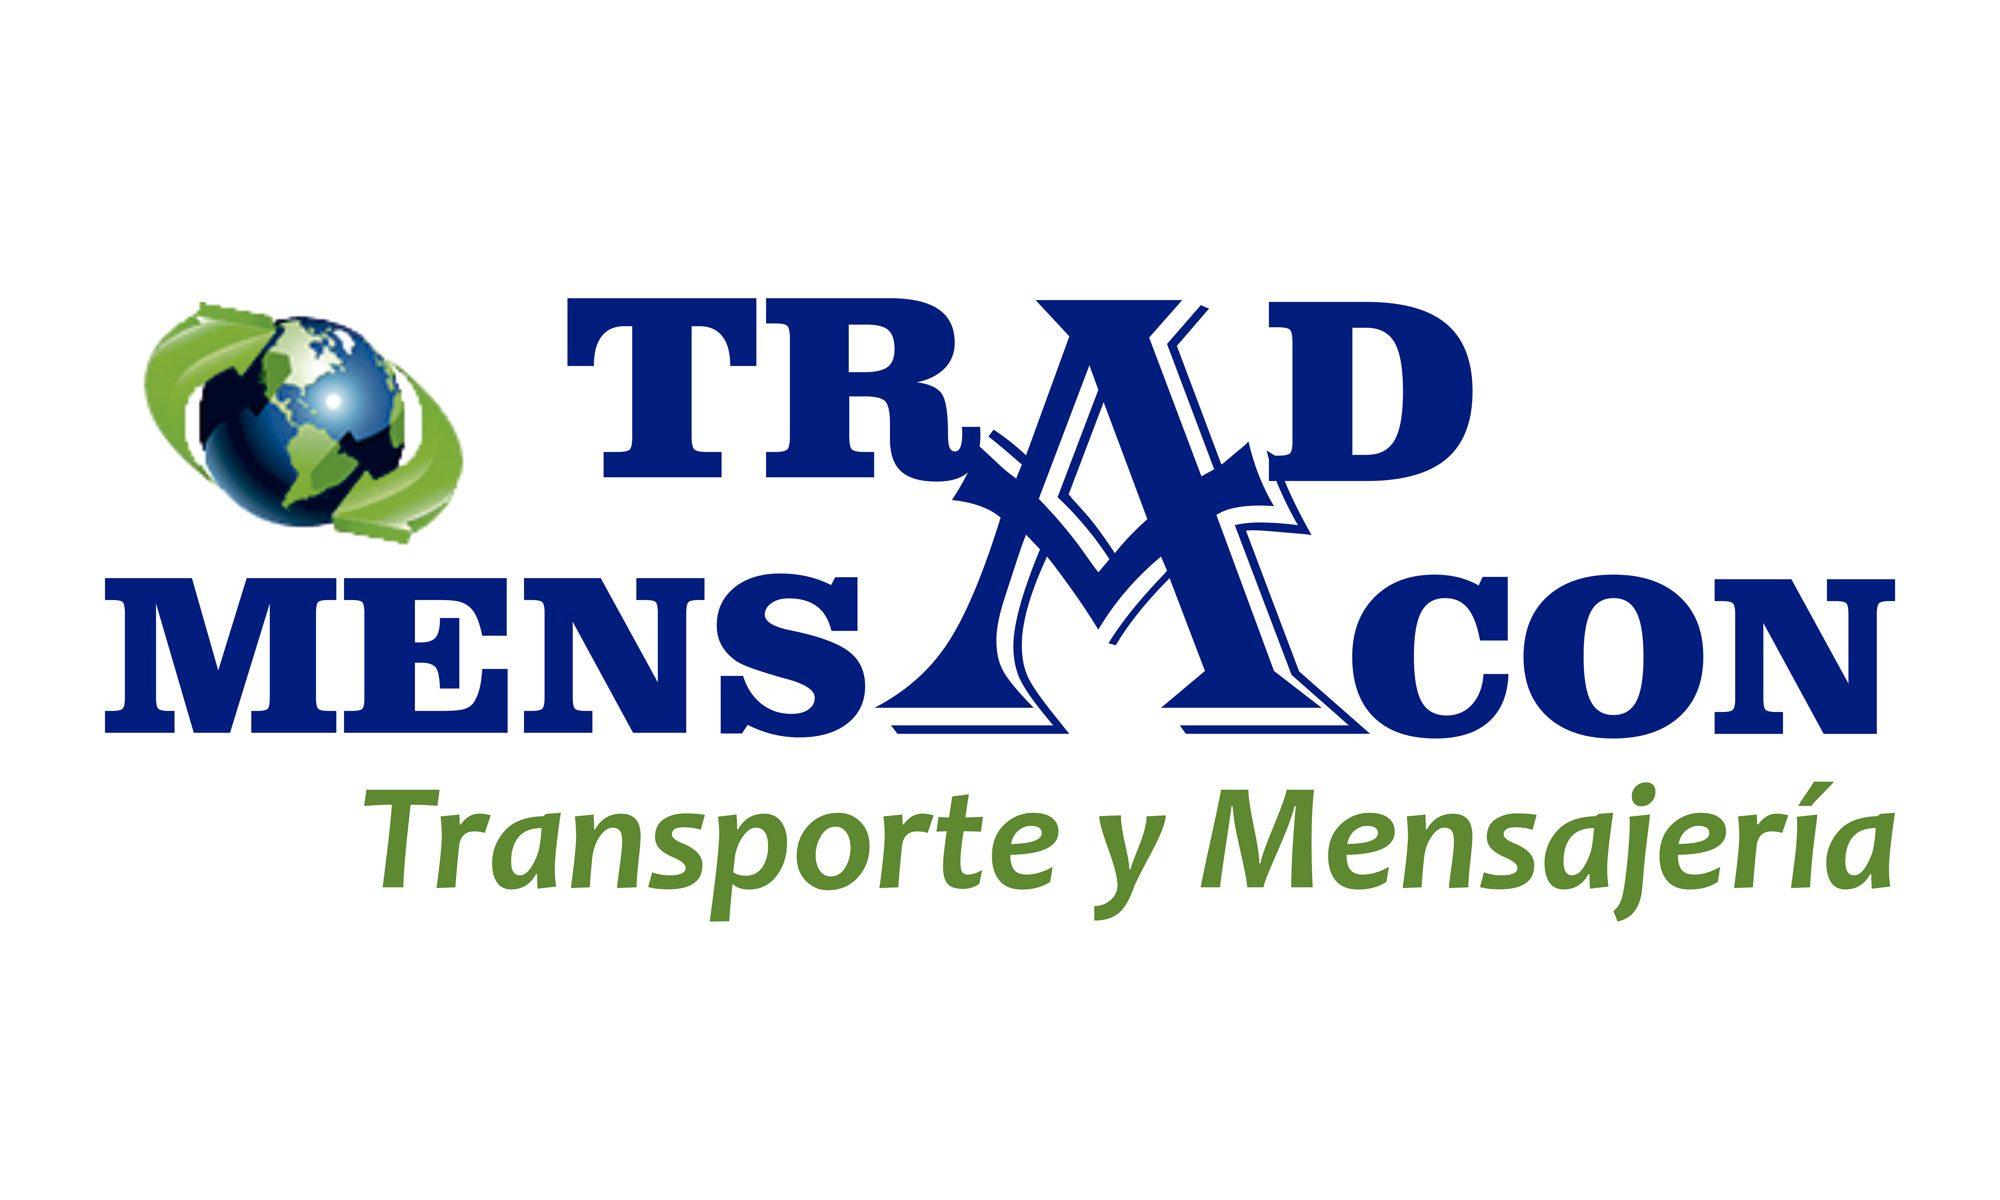 Trad Mensacon S.L.